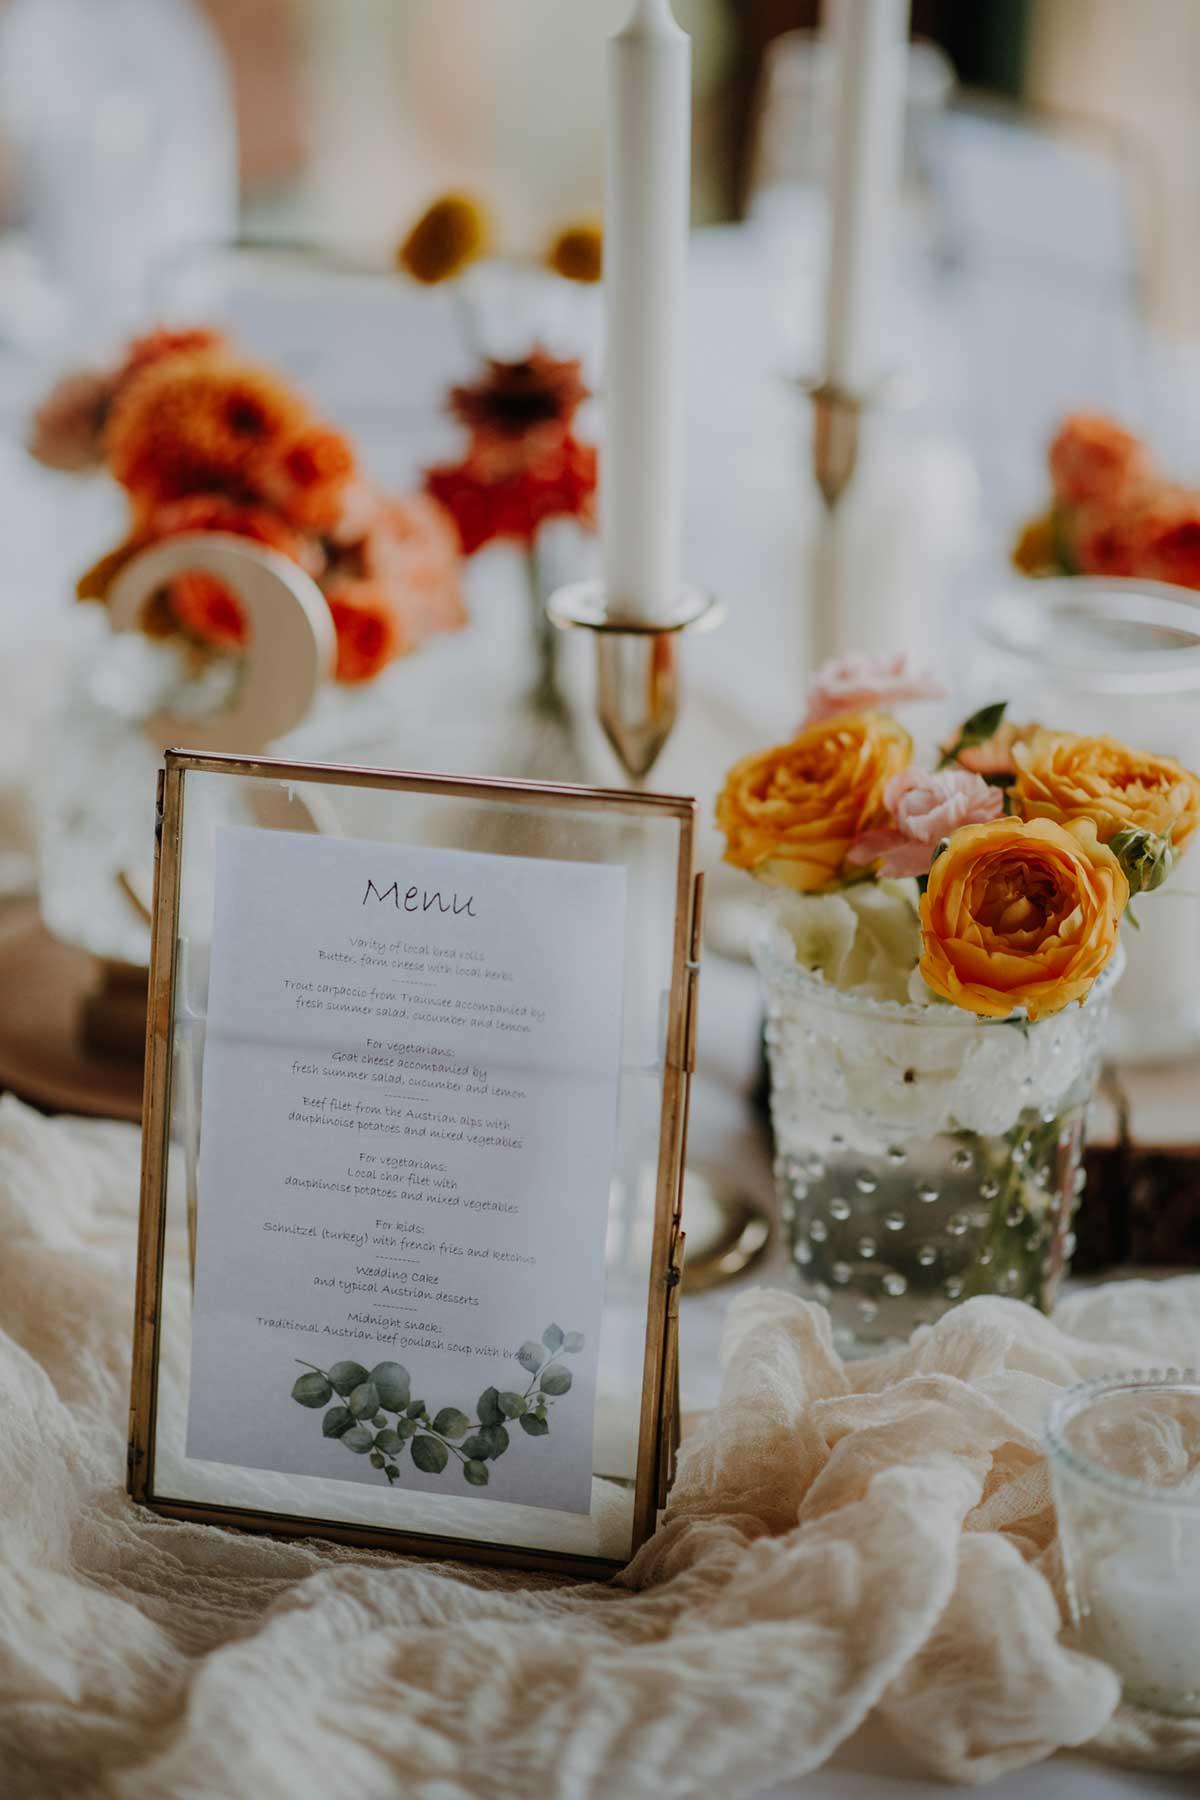 Menükarte bei der Hochzeit in einem goldenen Rahmen